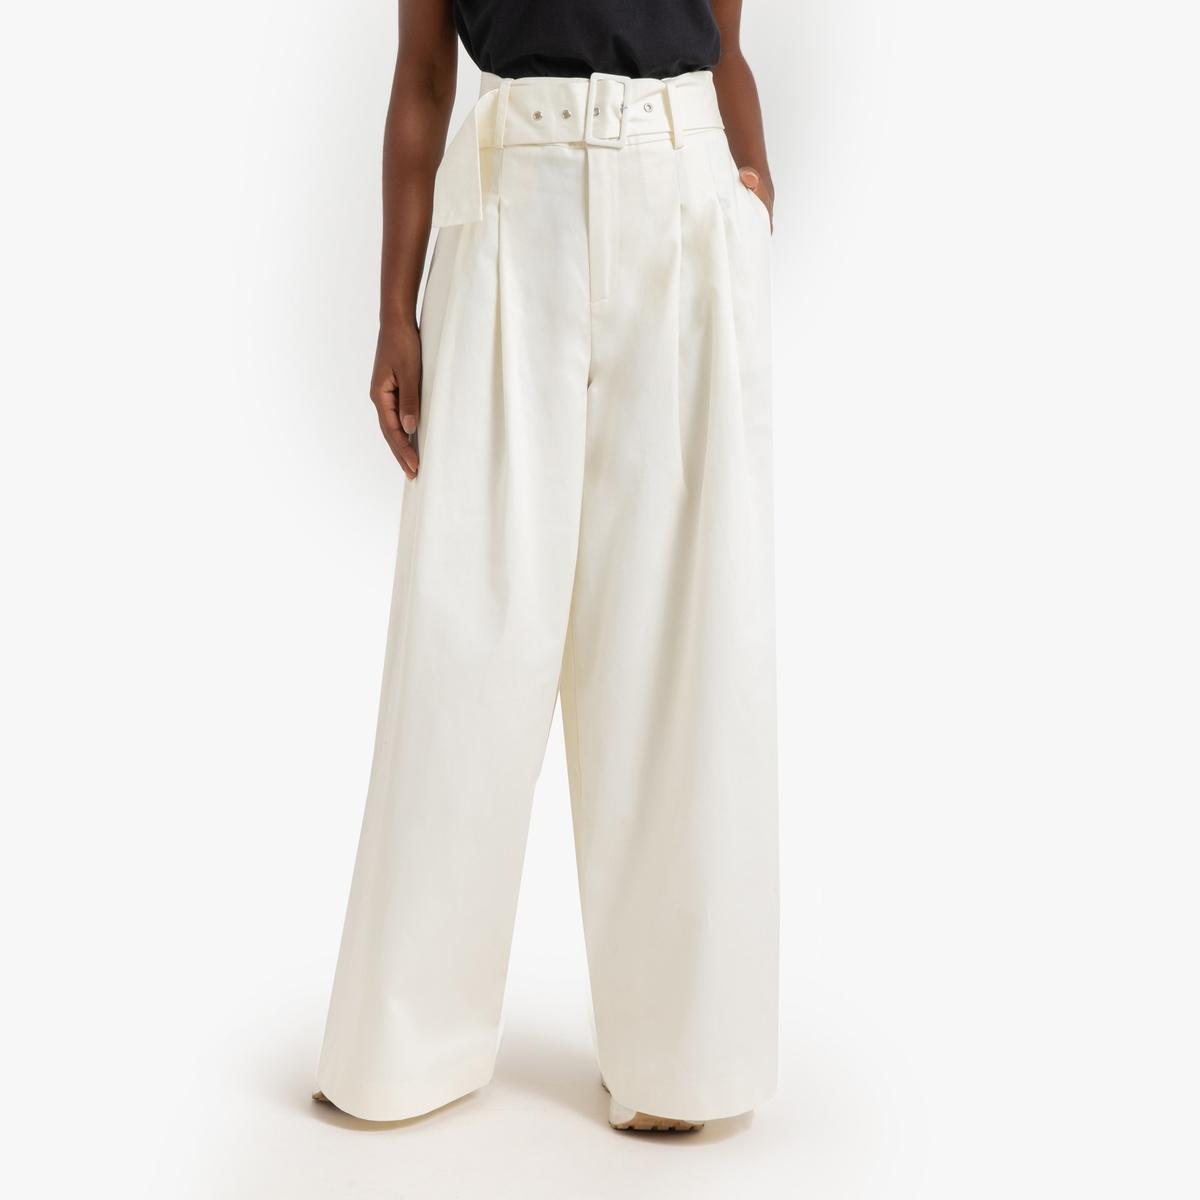 Pantalón maxi ancho, con cinturón